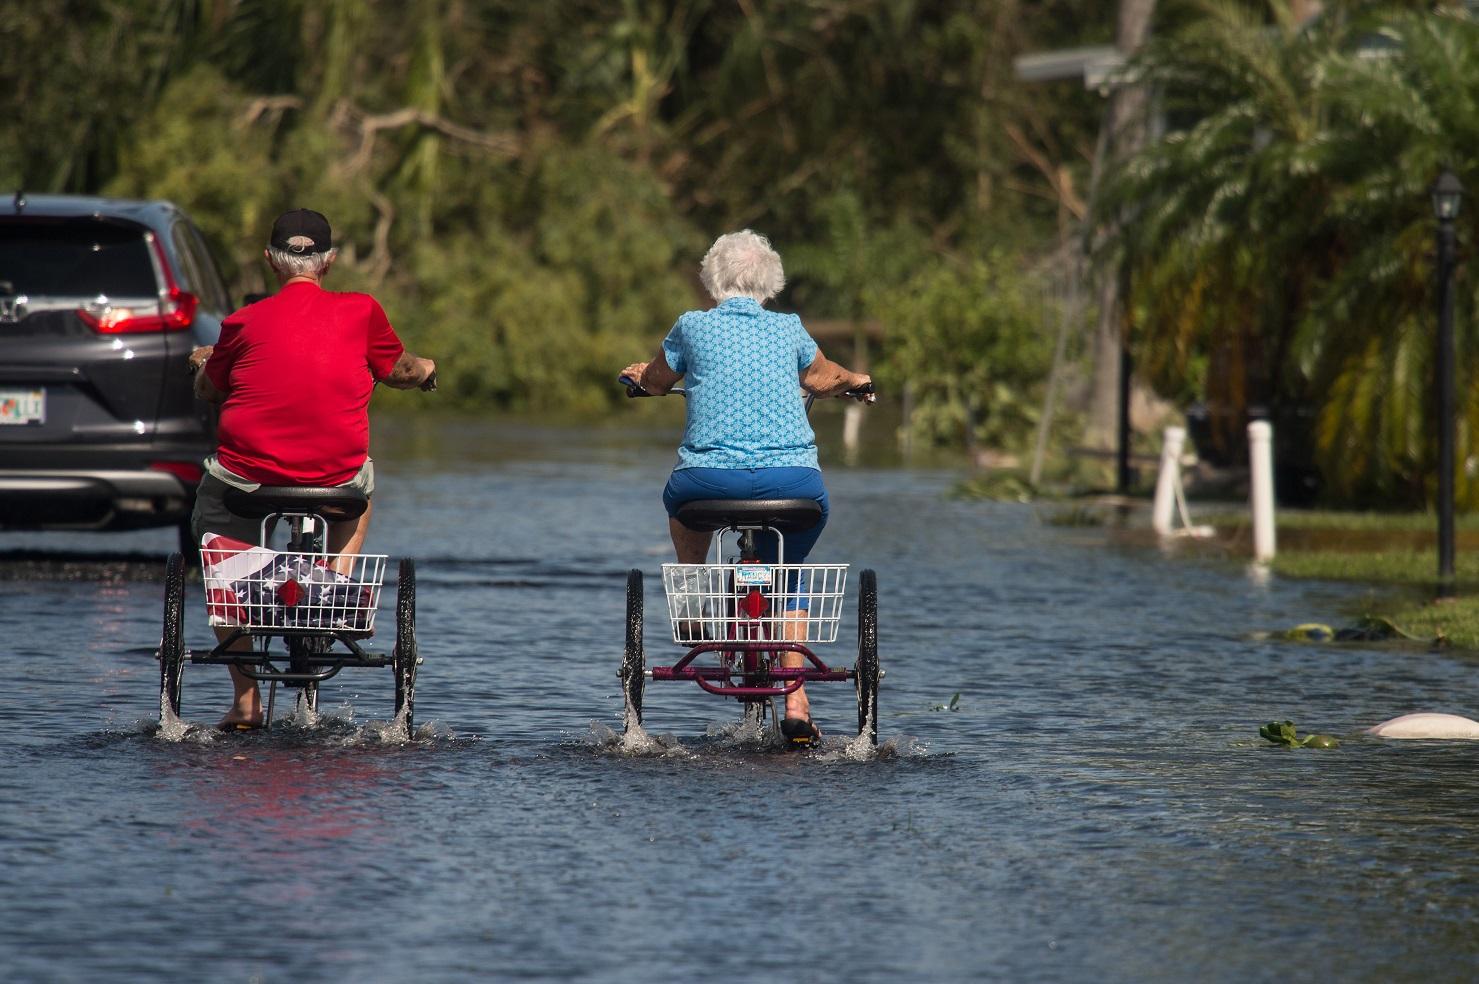 Casal pedala pelas ruas cheias de água da Flórida. Foto Nicholas Kamm/AFP